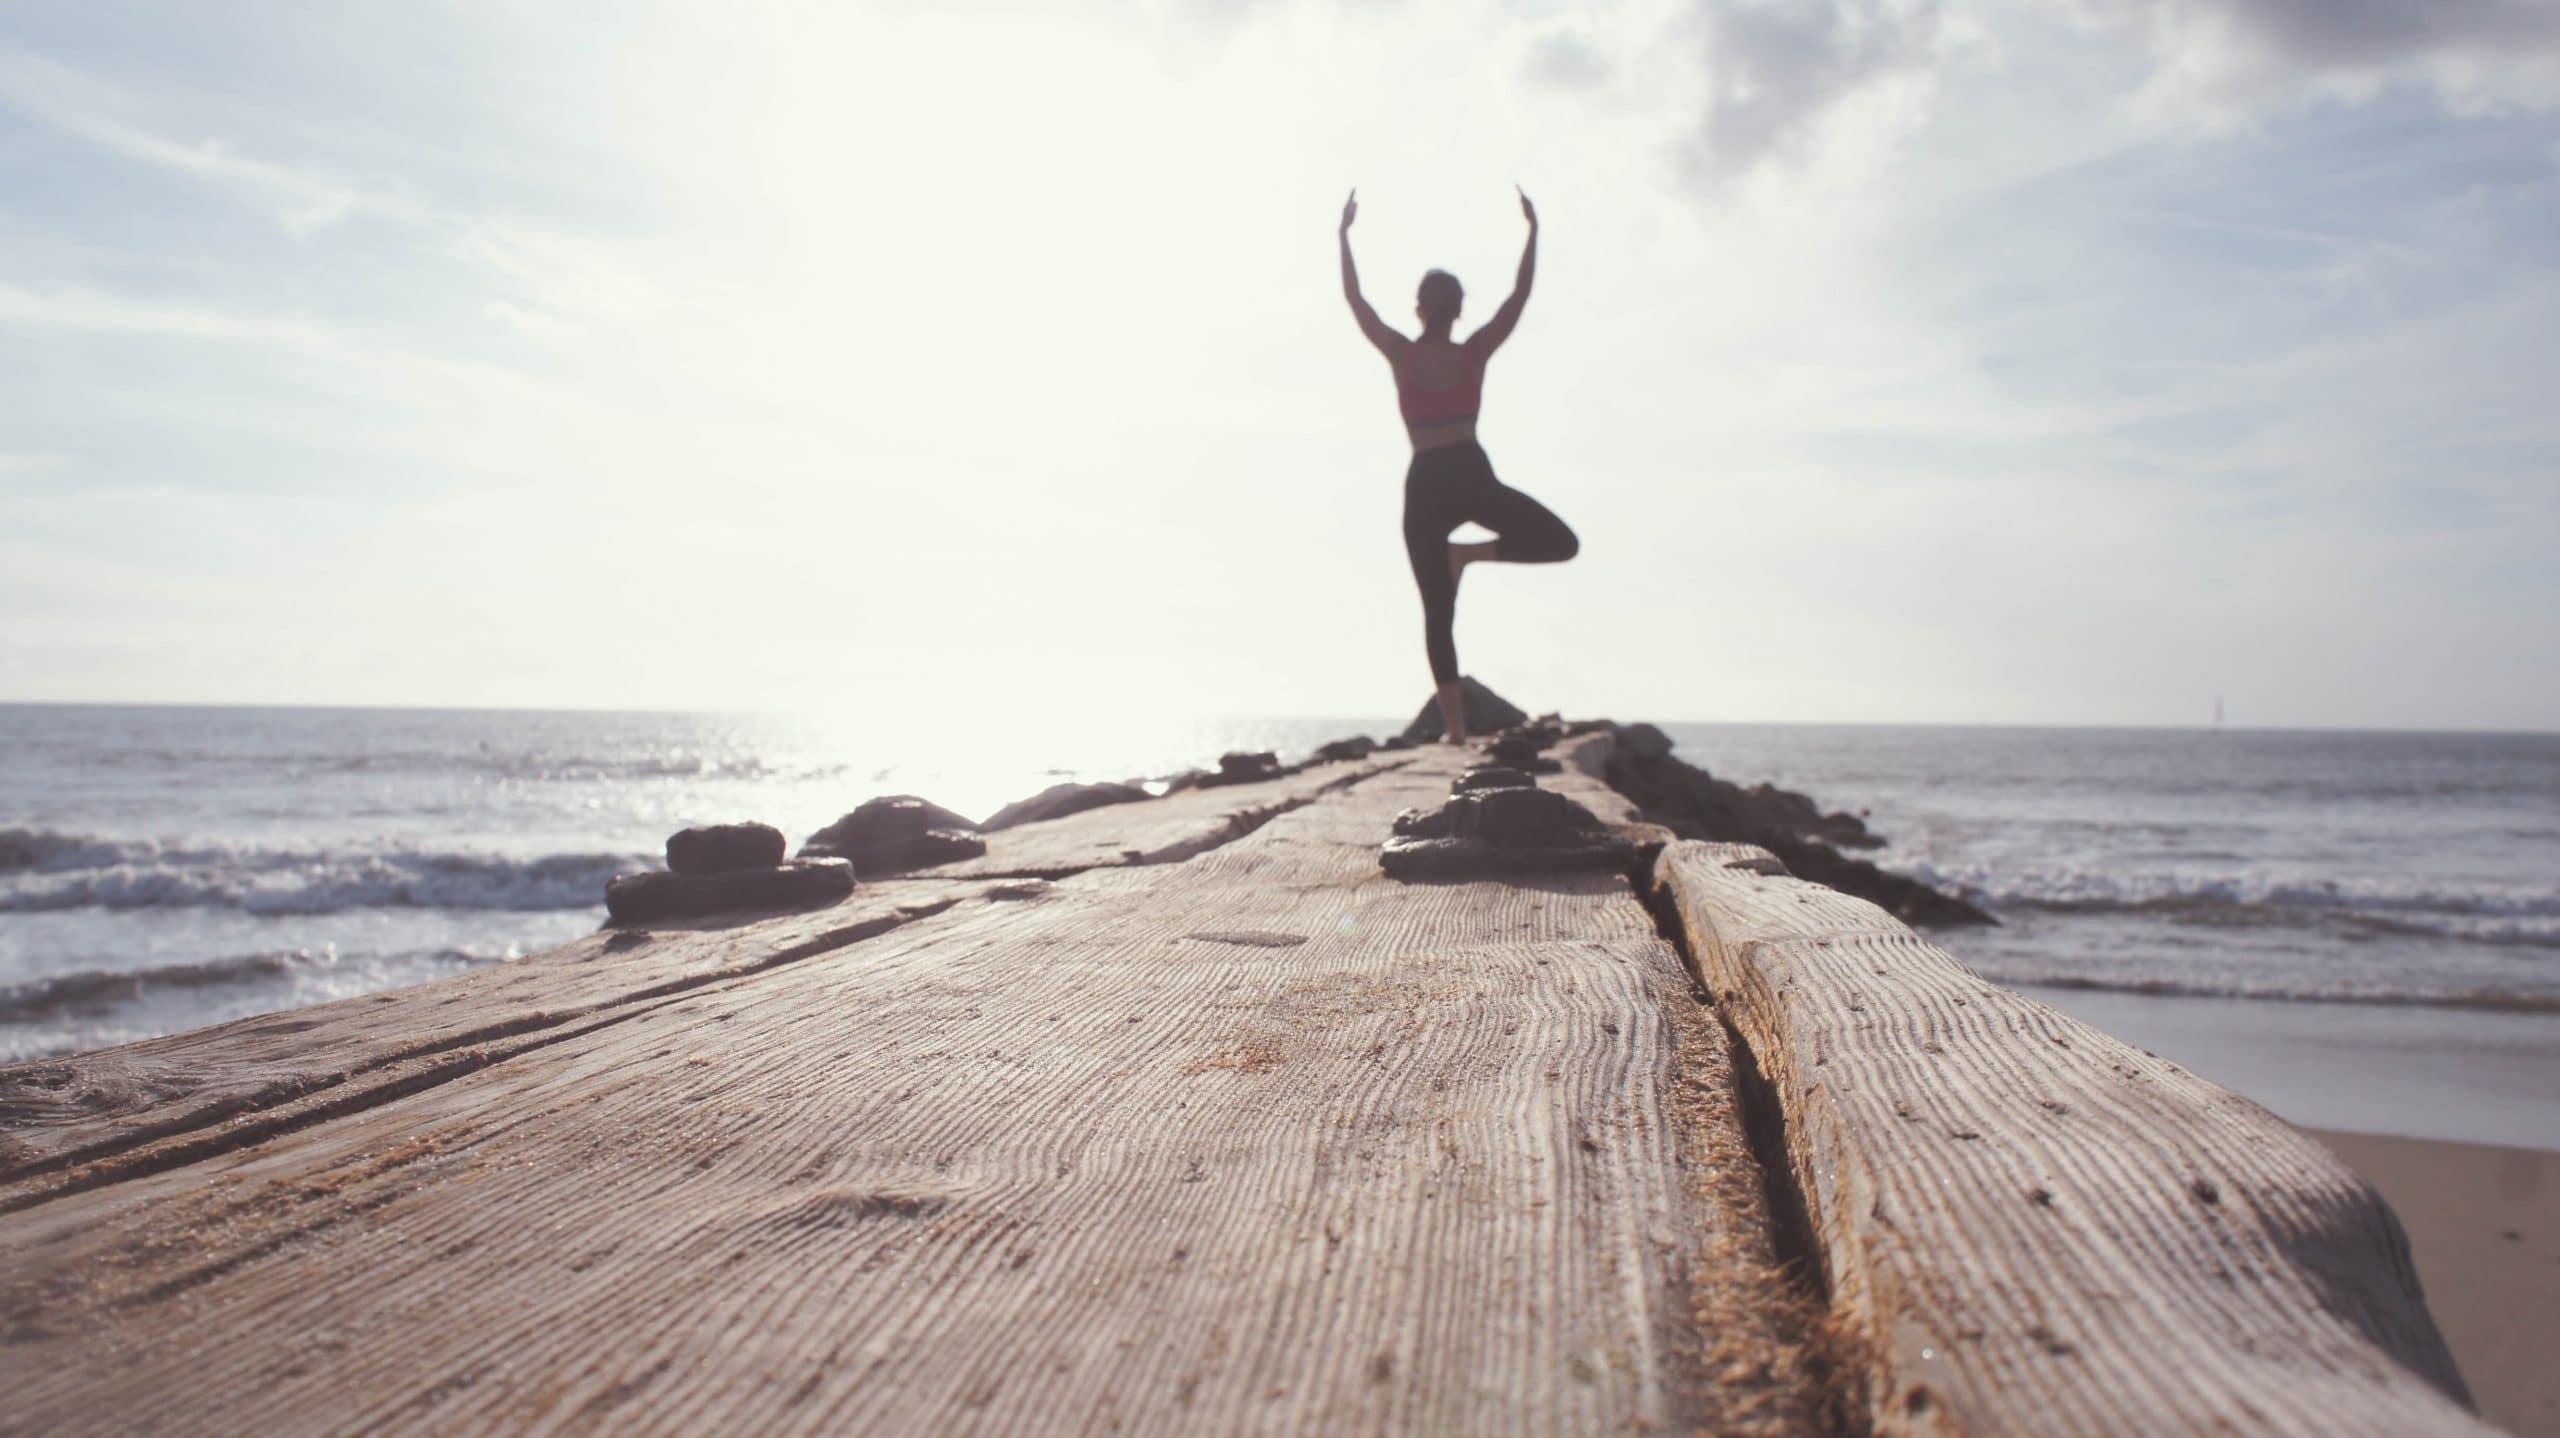 Mulher de costas em posição de ioga em ponte com fundo de céu e mar